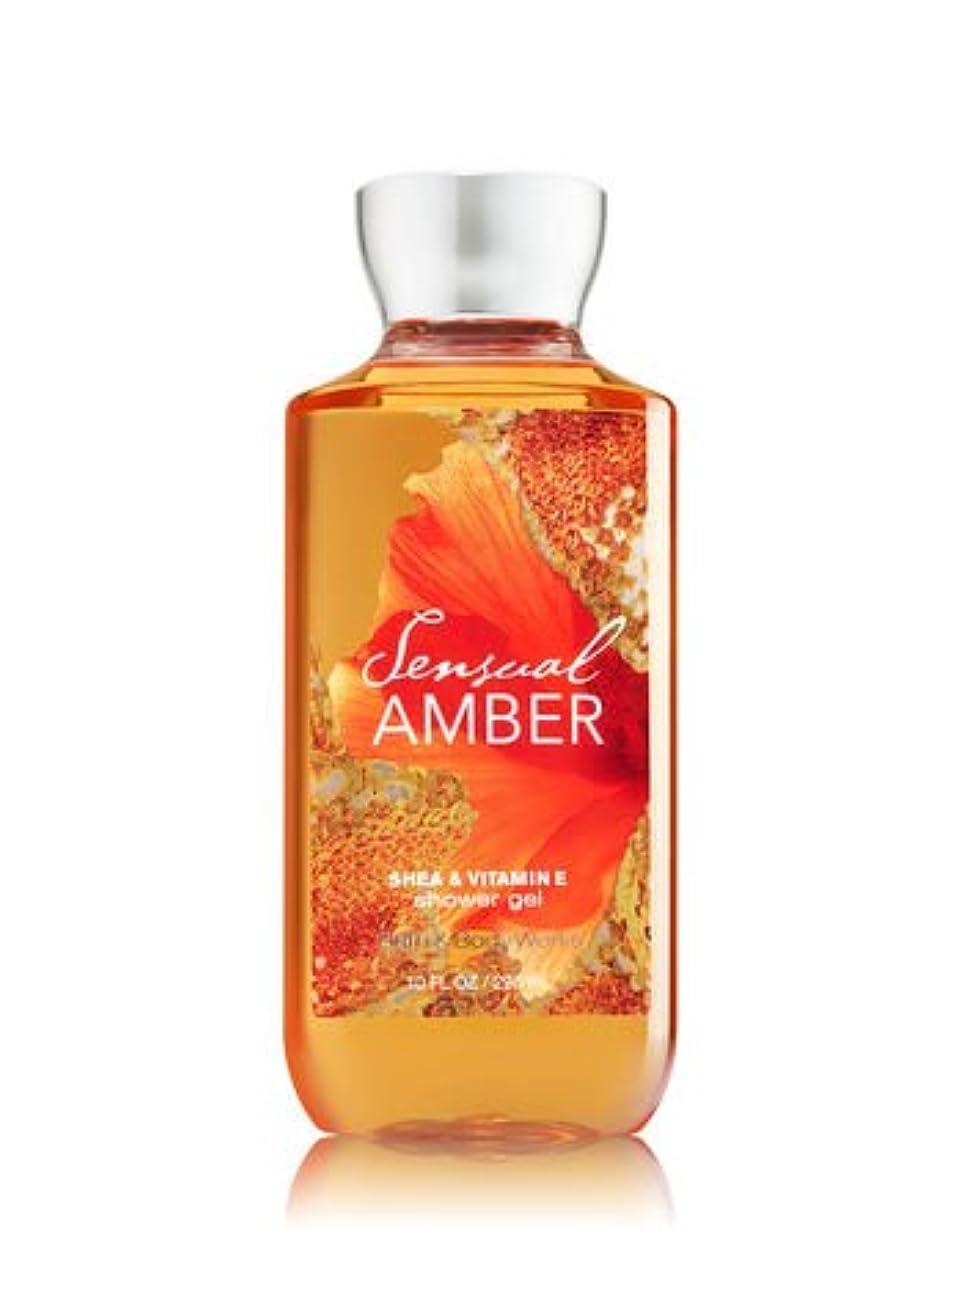 ベット袋血まみれバス&ボディワークス センシュアルアンバー シャワージェル Sensual Amber Shower Gel [並行輸入品]